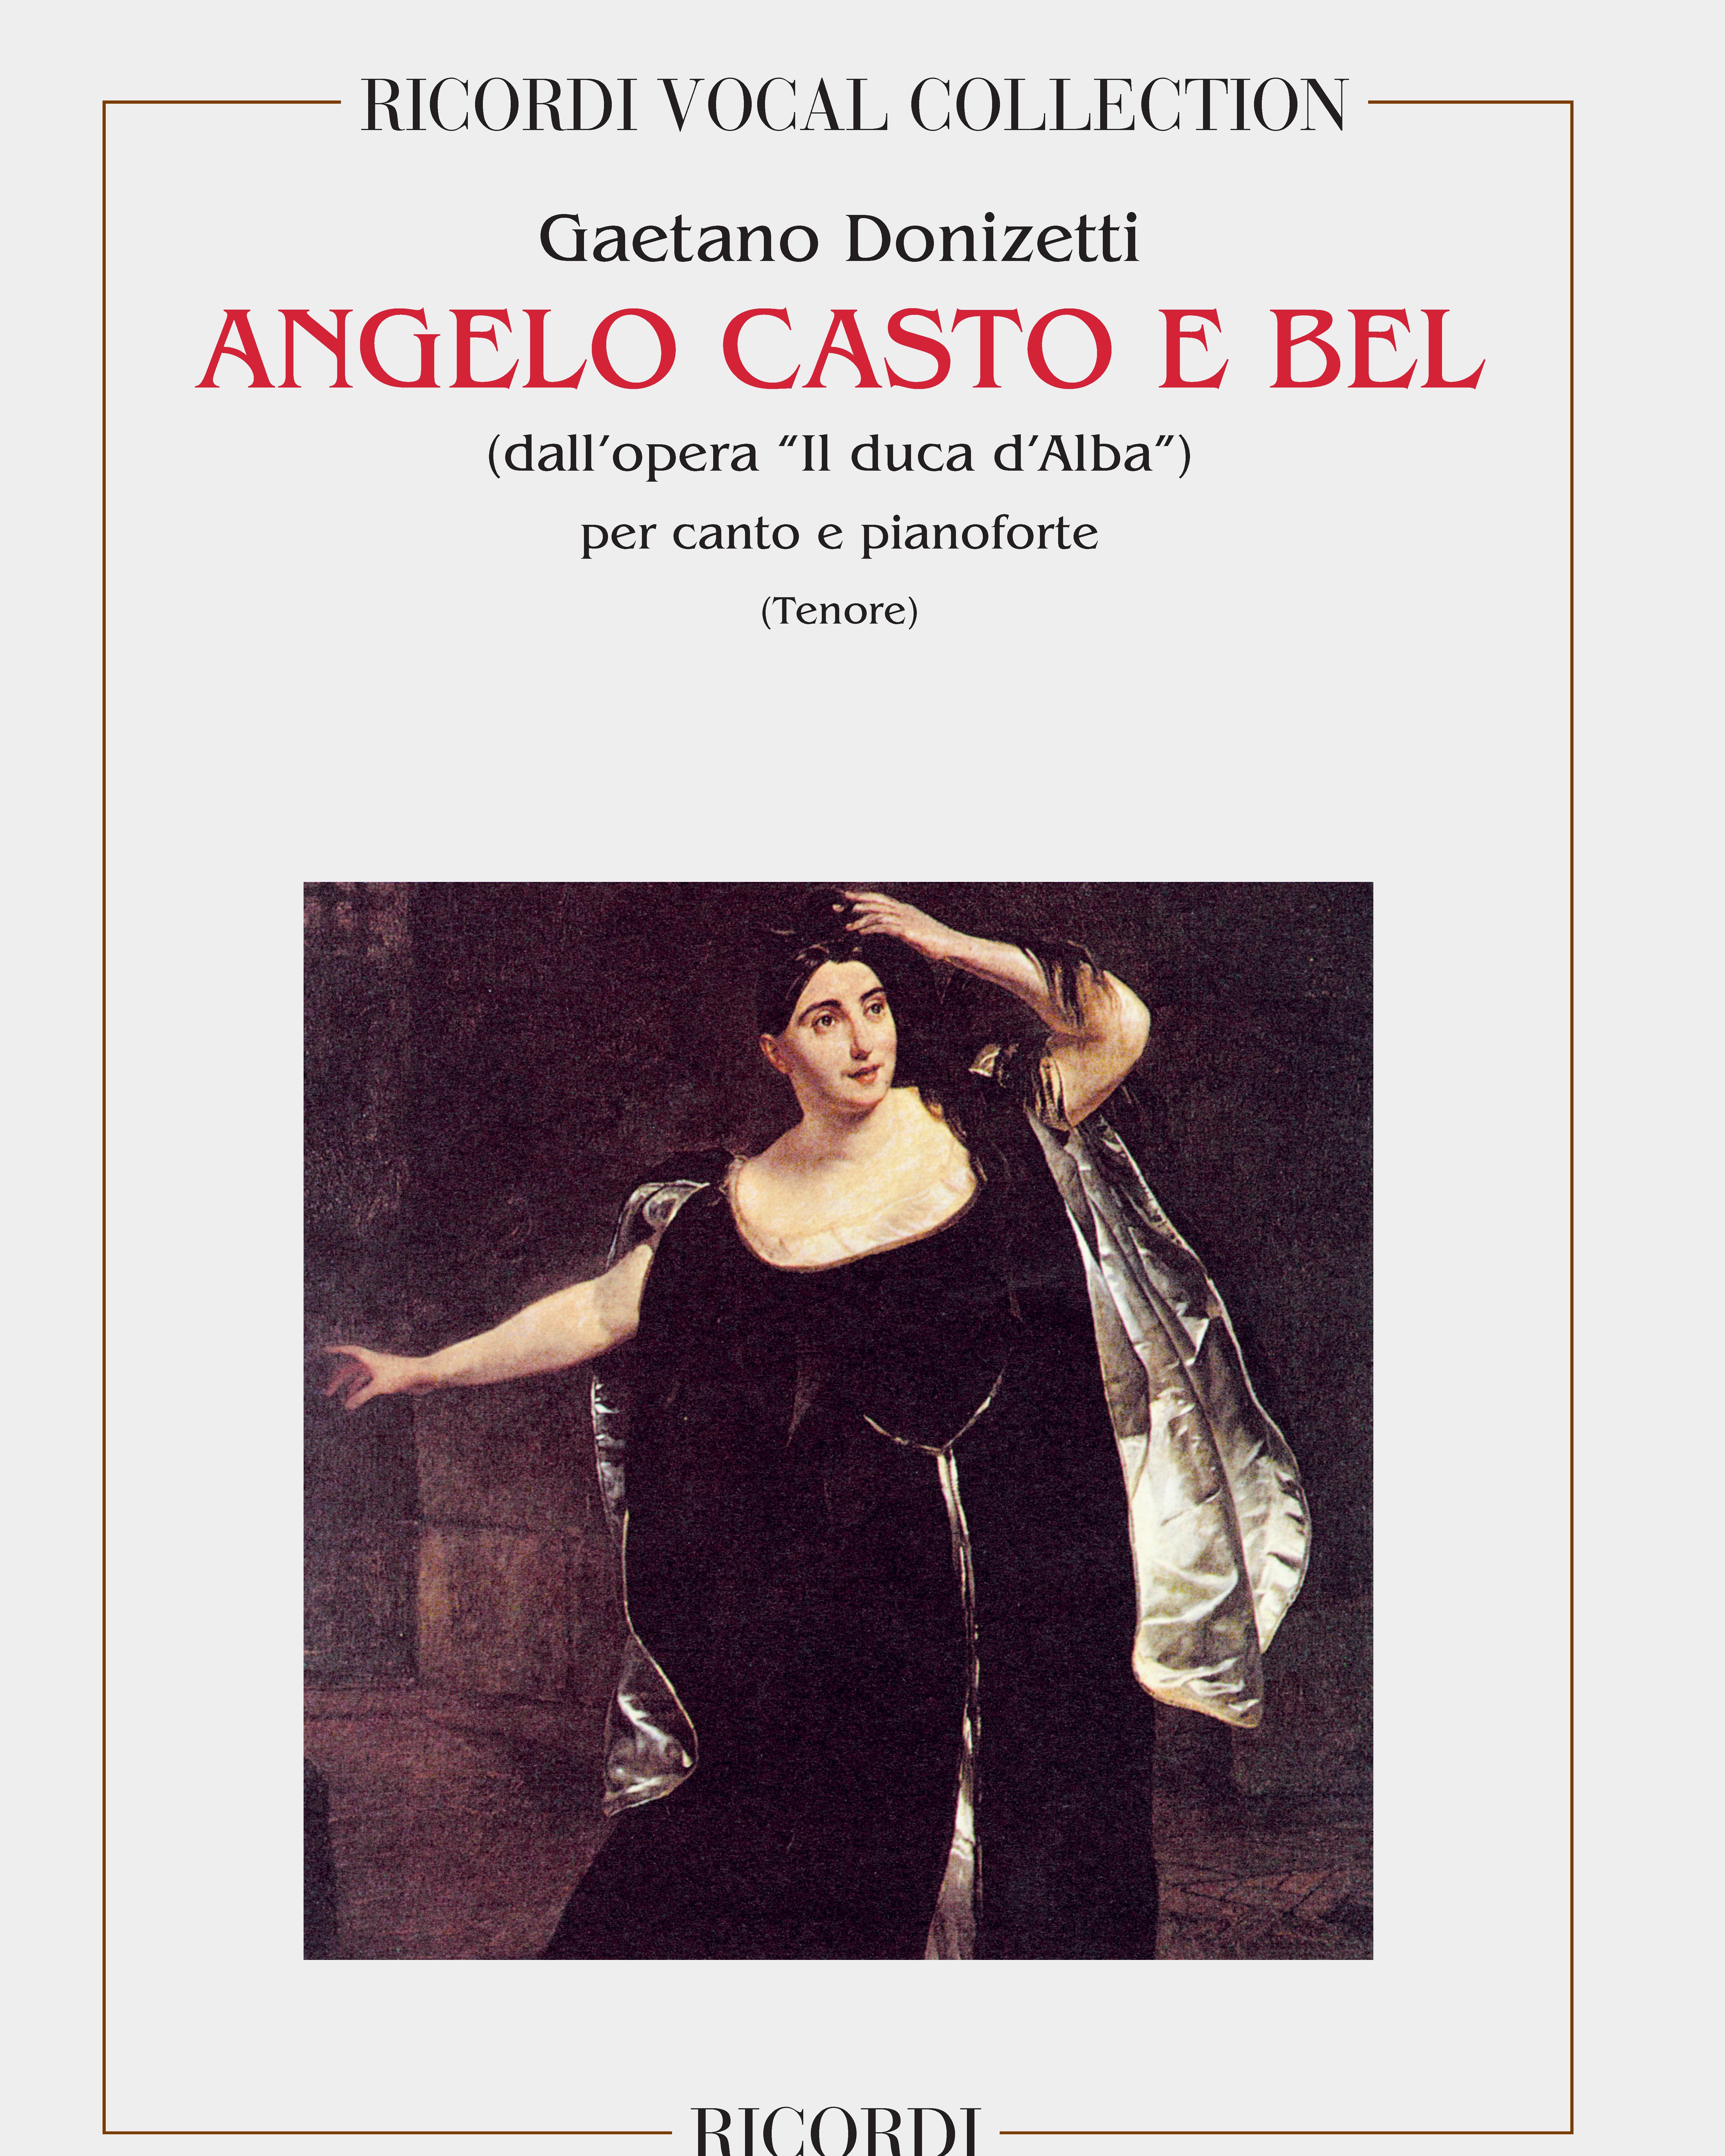 """Angelo casto e bel (dall'opera """"Il duca d'Alba"""")"""